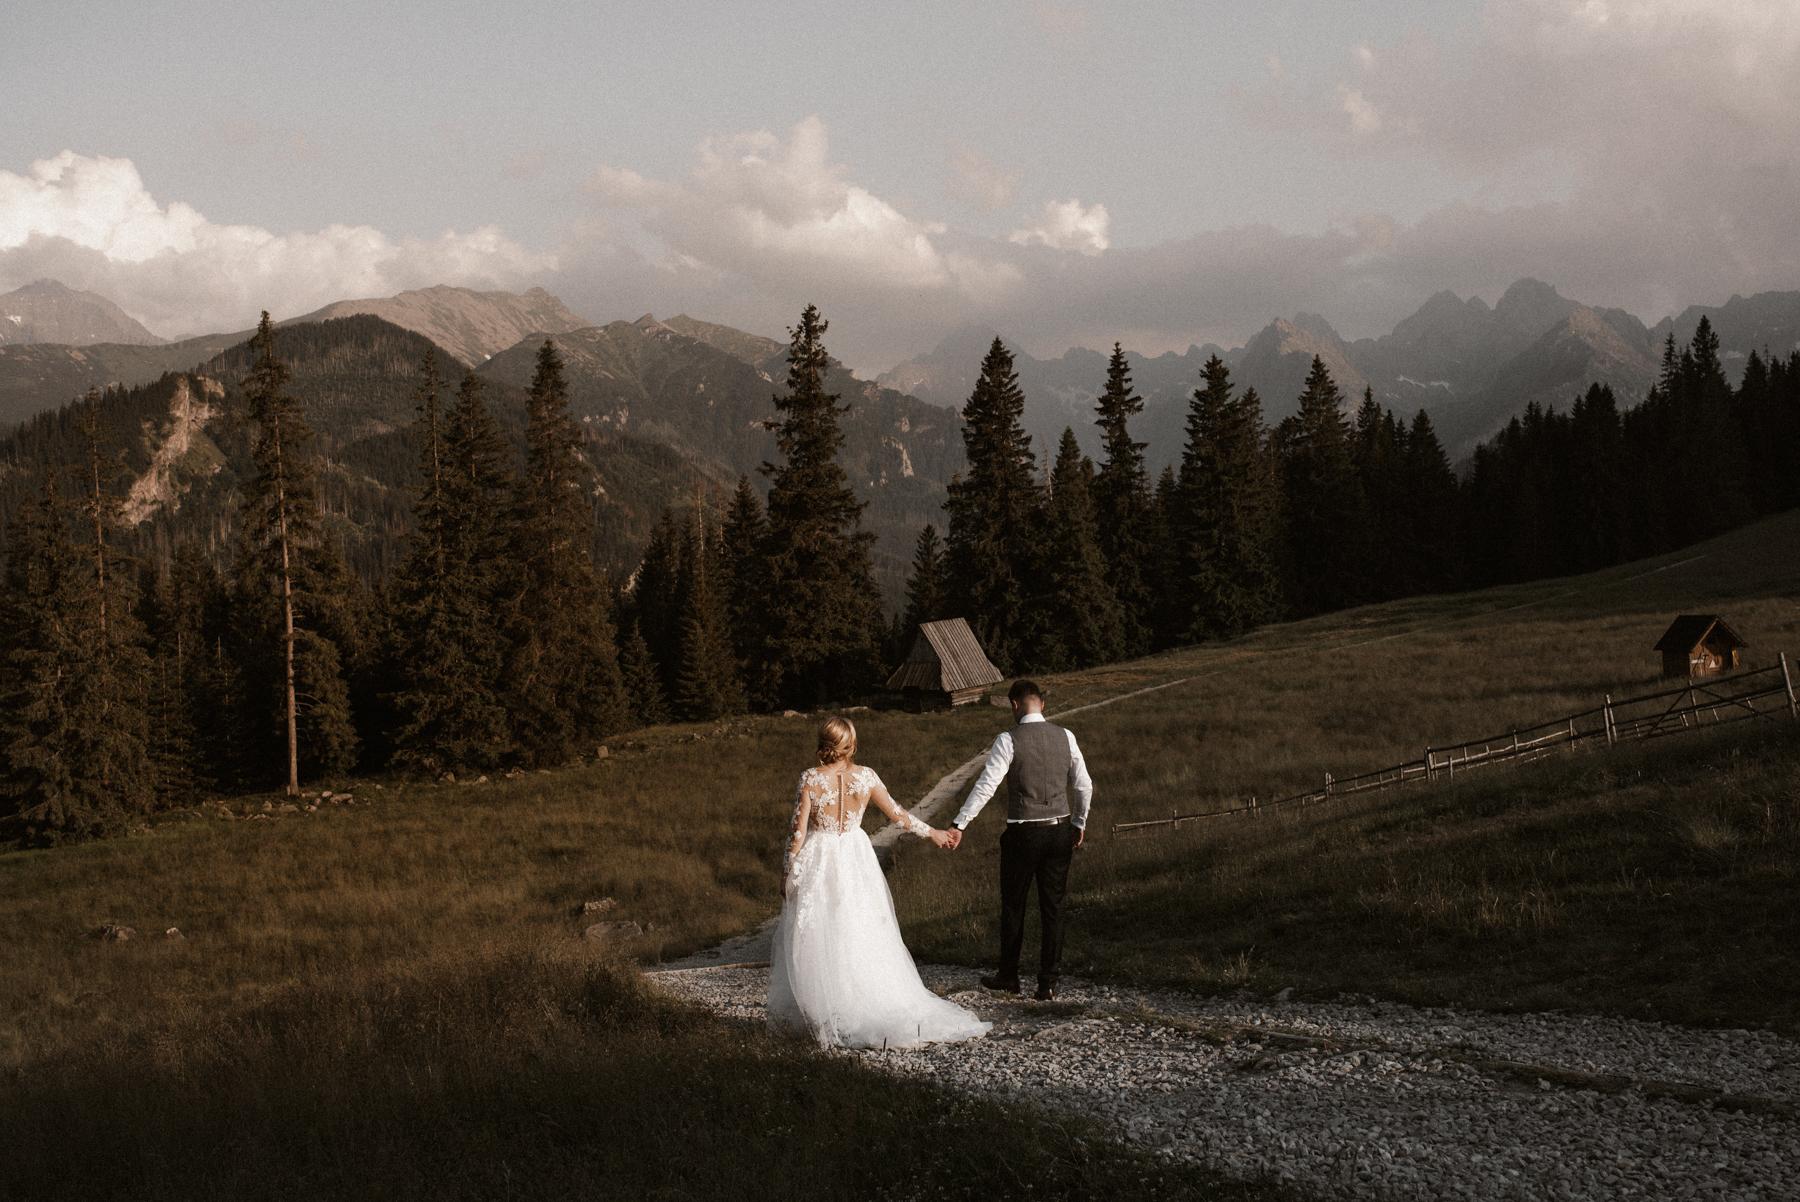 rusinowa polana, tatrya, sesja w górach, wisienka na torcie, tatrzański park narodowy